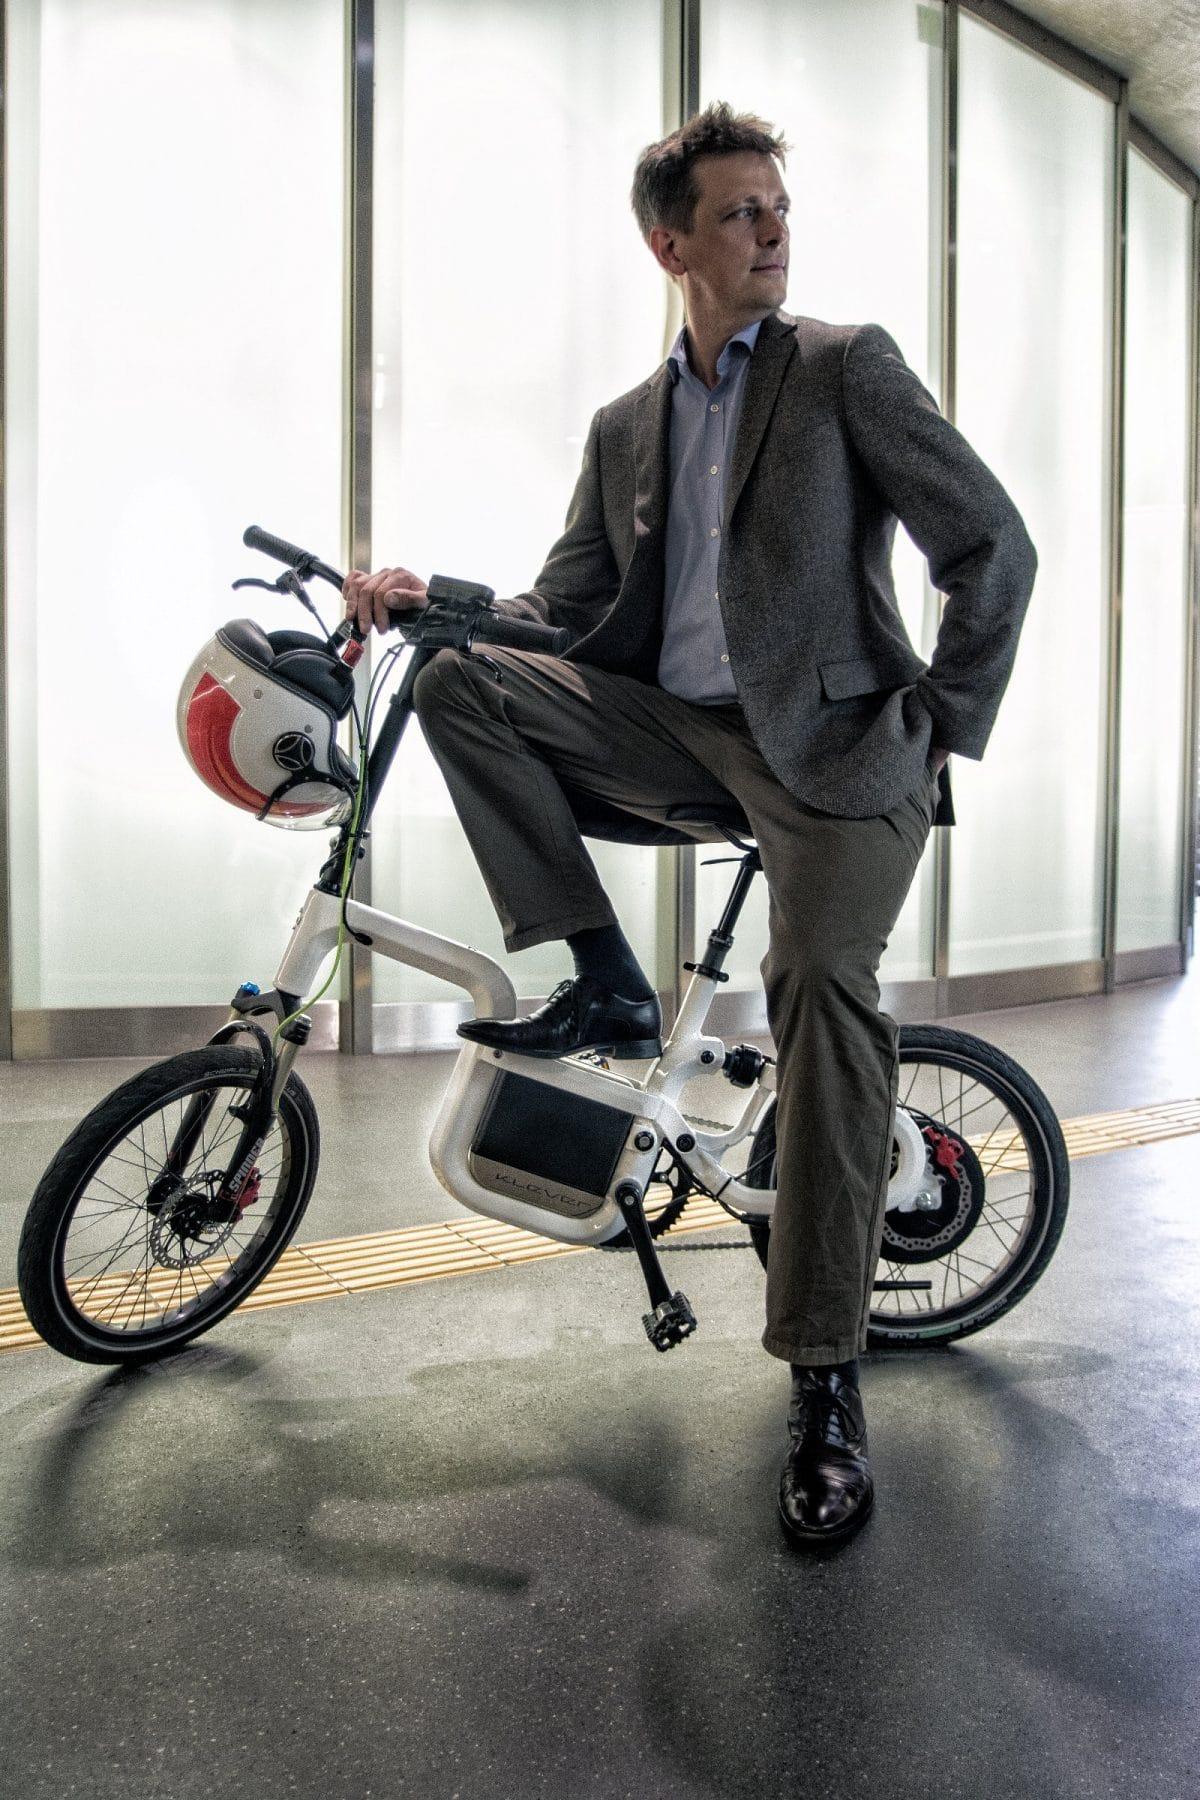 eurobike 2014 faltbares klever e bike q25 mit bluetooth. Black Bedroom Furniture Sets. Home Design Ideas